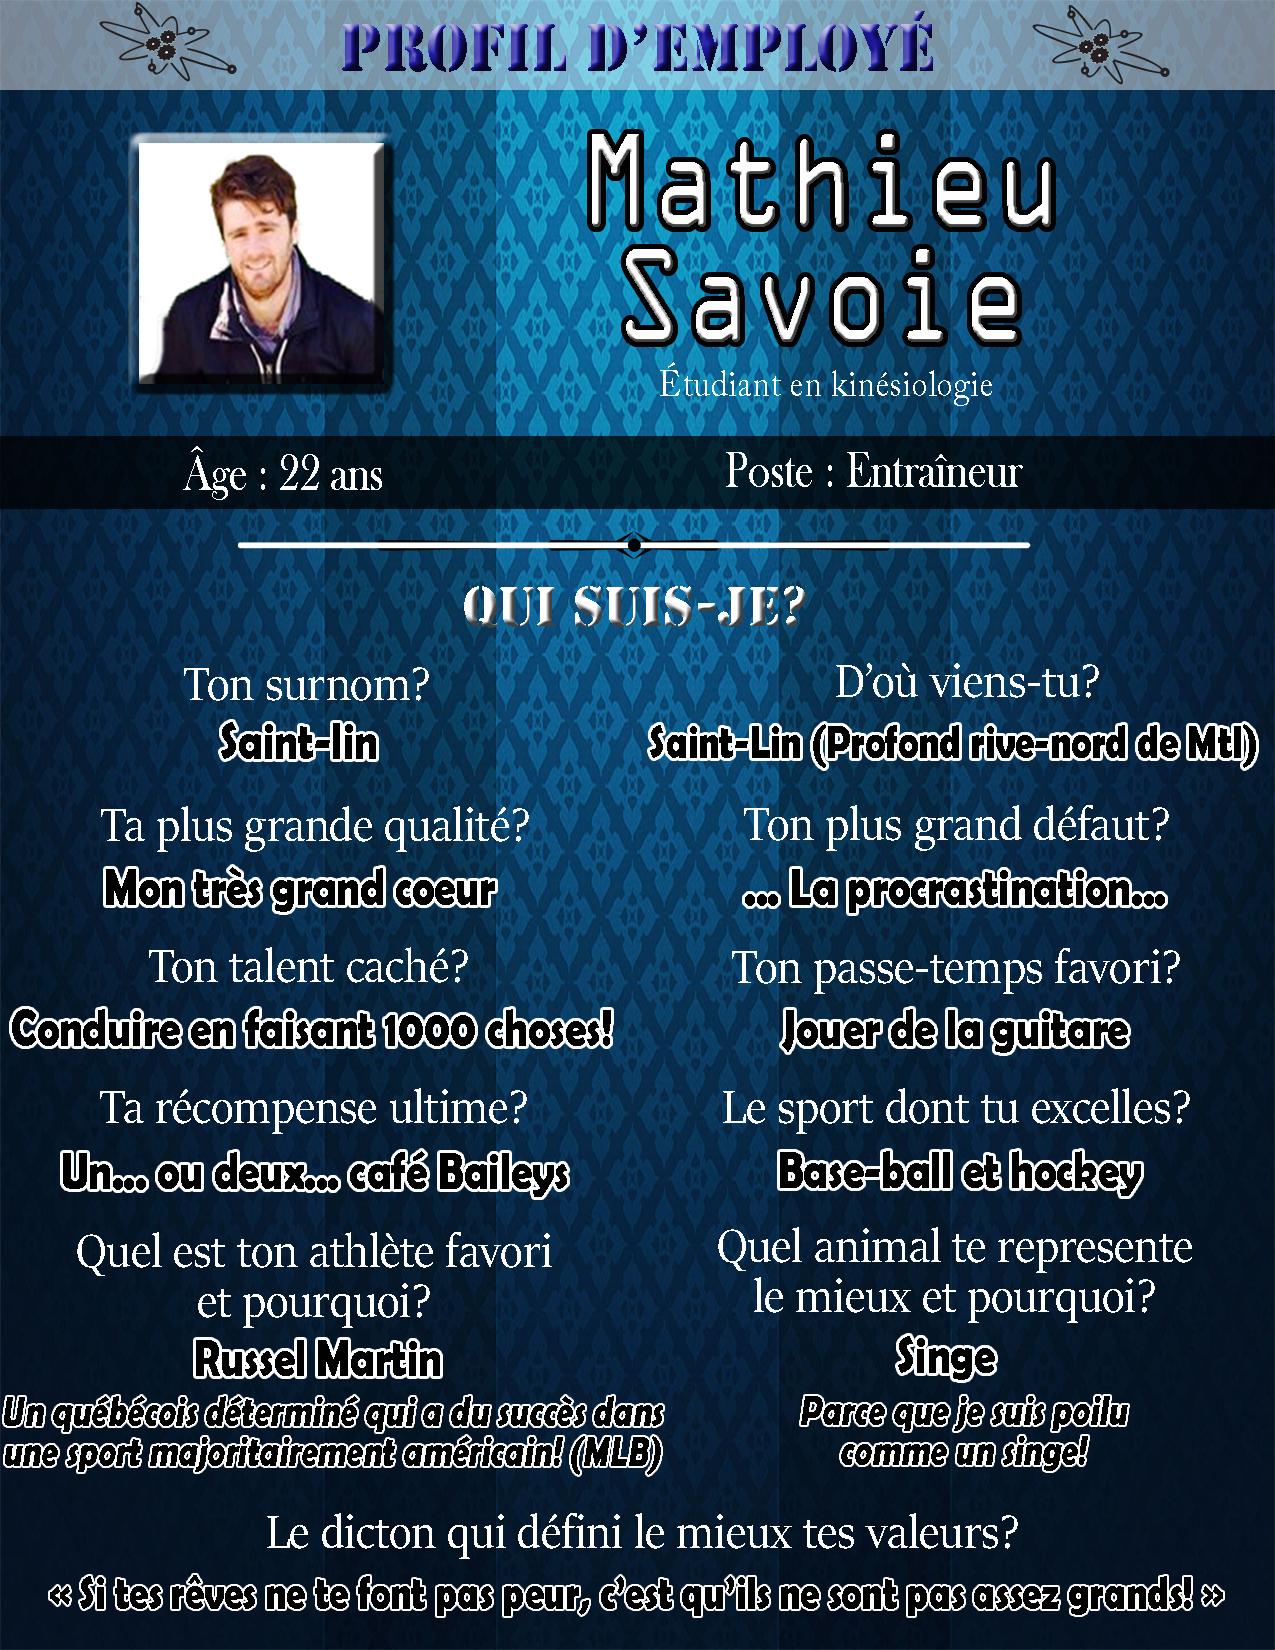 Profil mathieu